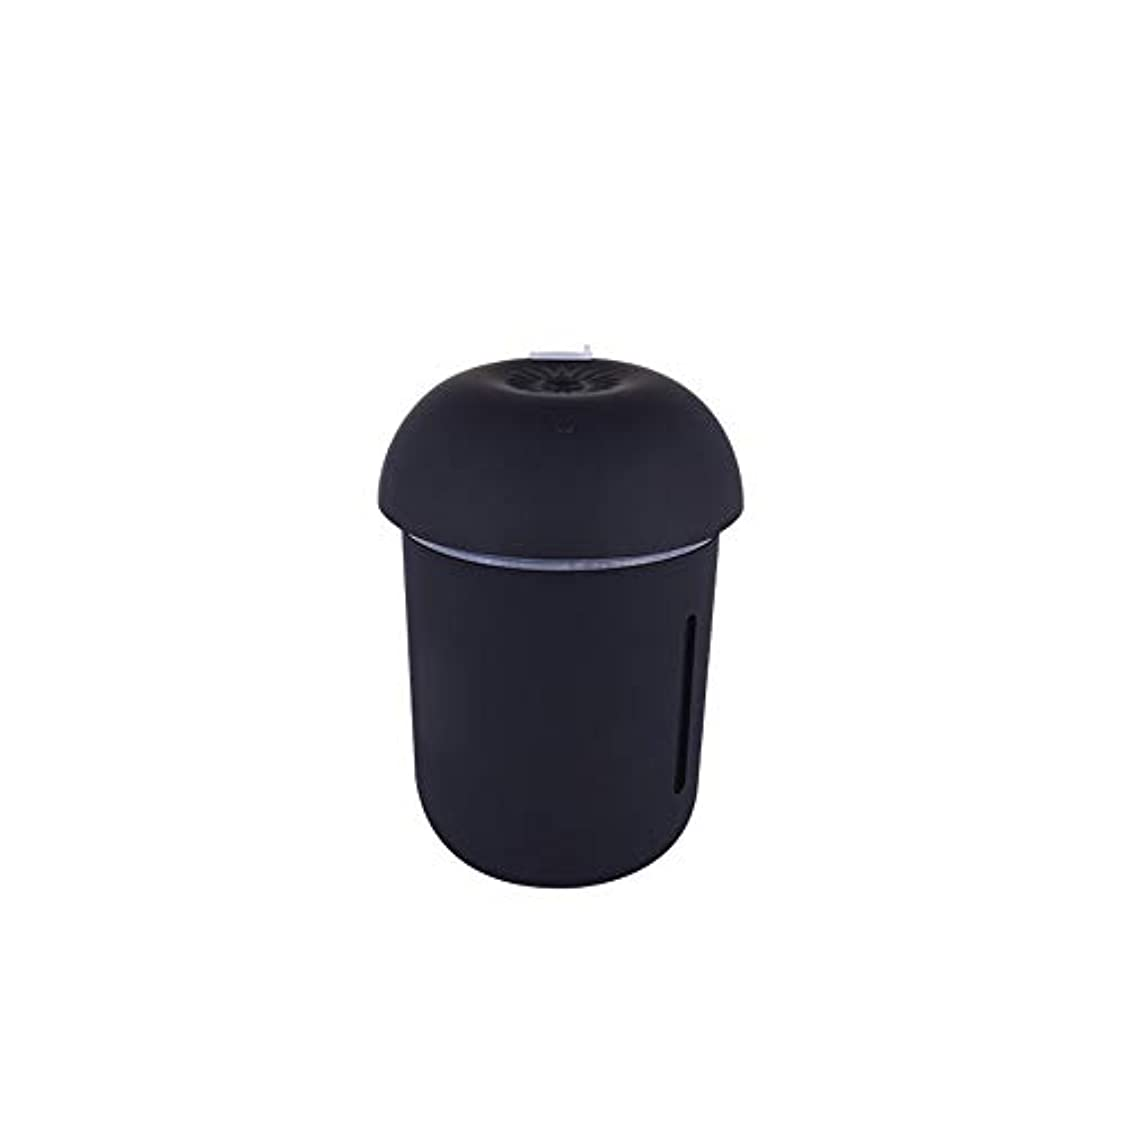 どのくらいの頻度で波紋後悔ZXF クリエイティブ多機能水道メーターファンナイトライトスリーインワンきのこ加湿器usb充電車の空気清浄機美容機器 滑らかである (色 : Black)